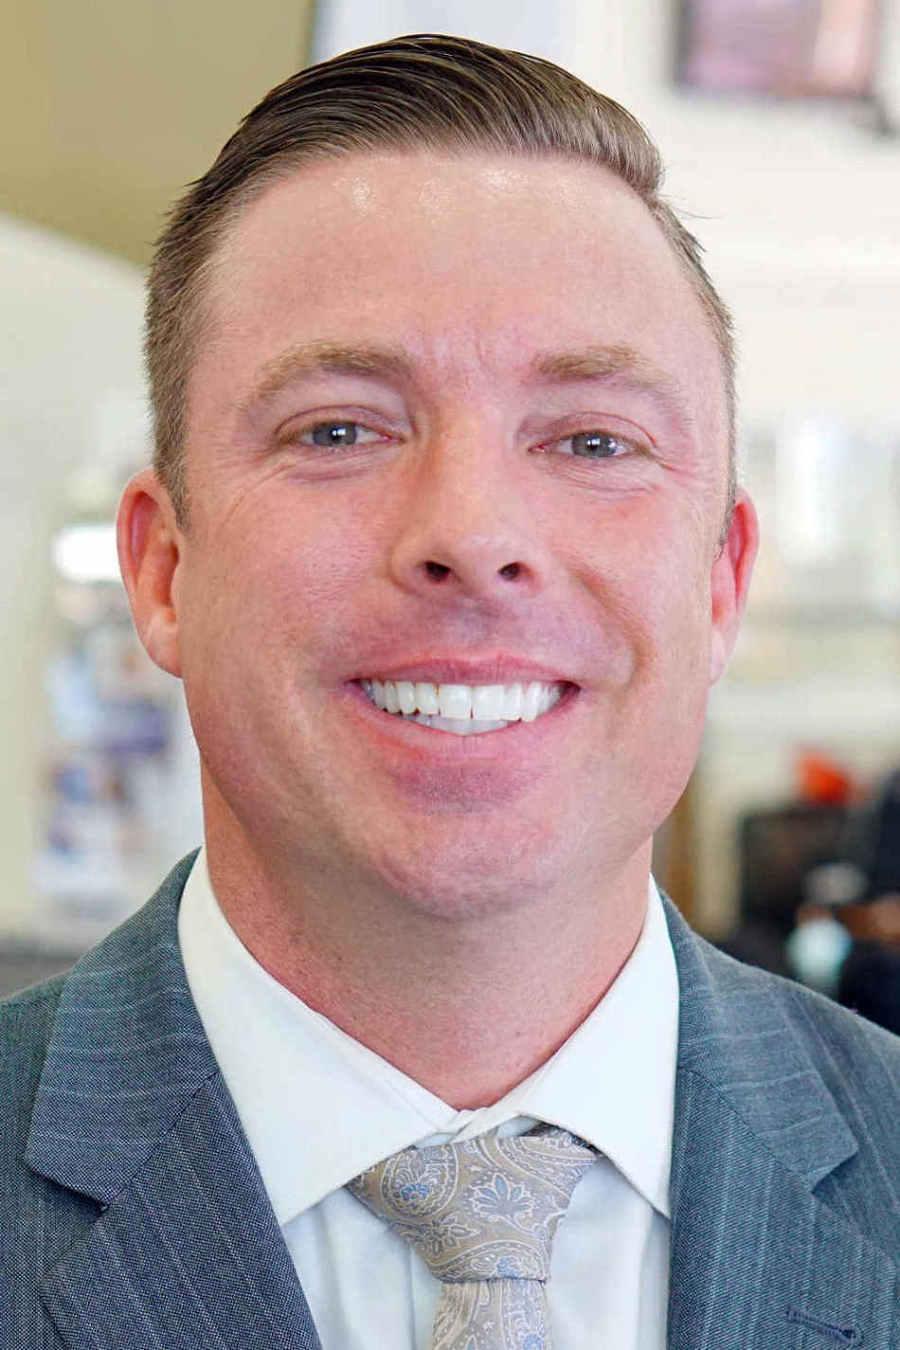 David Farner, New Car Sales Manager at Brandon Honda